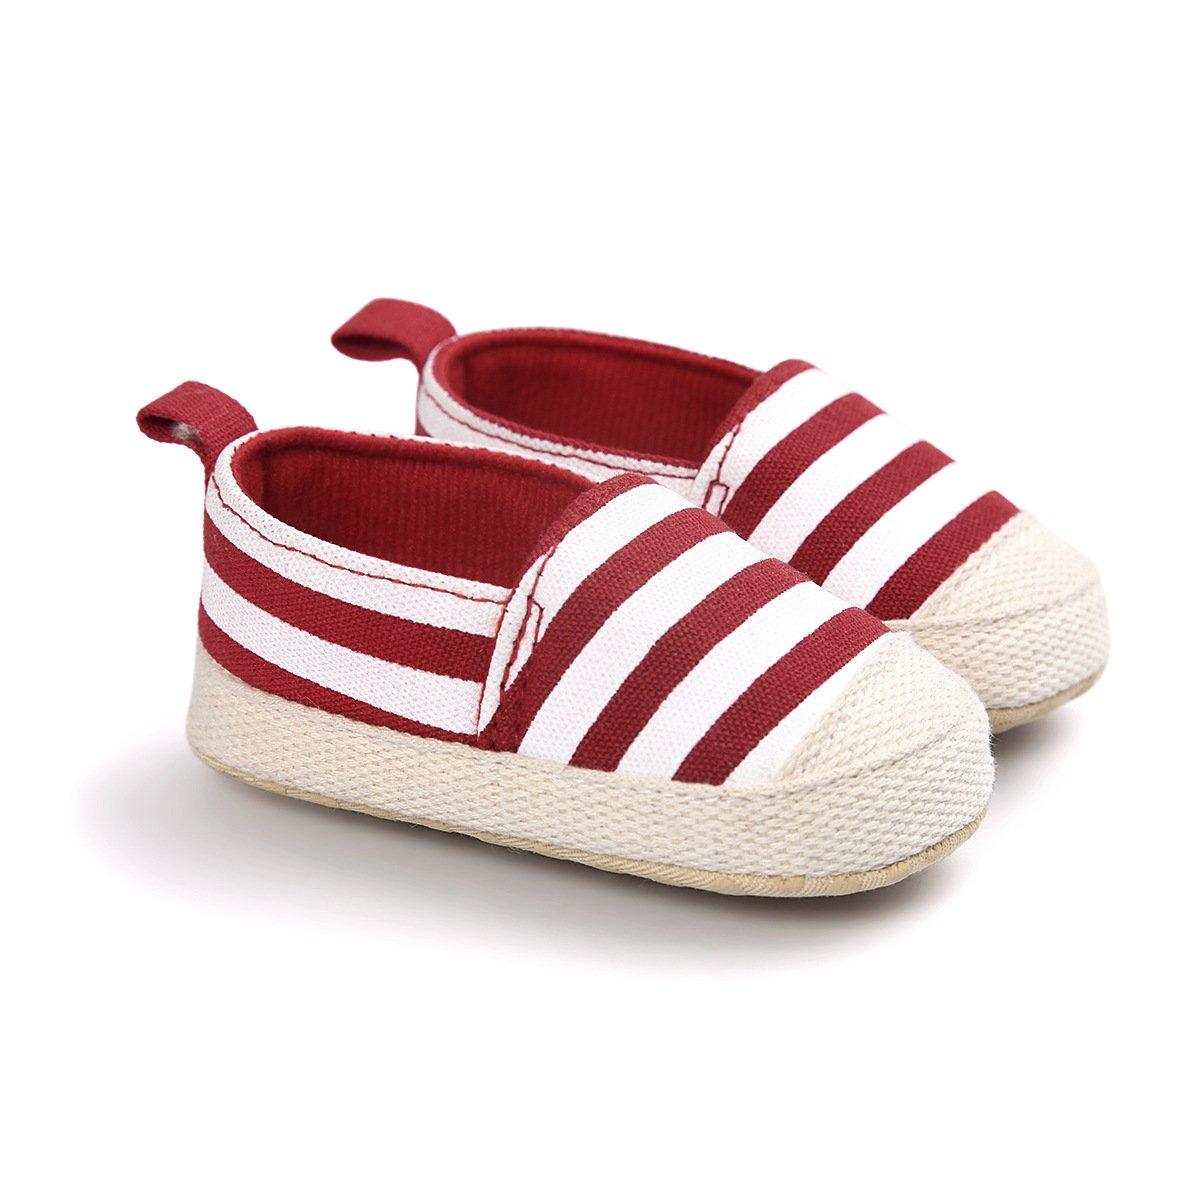 Chickwin Primeros Pasos Raya Ni/ño y Ni/ña Antideslizante Zapatillas Bebe Bautizo Cuna Suela Blanda Zapatos Recien Nacido